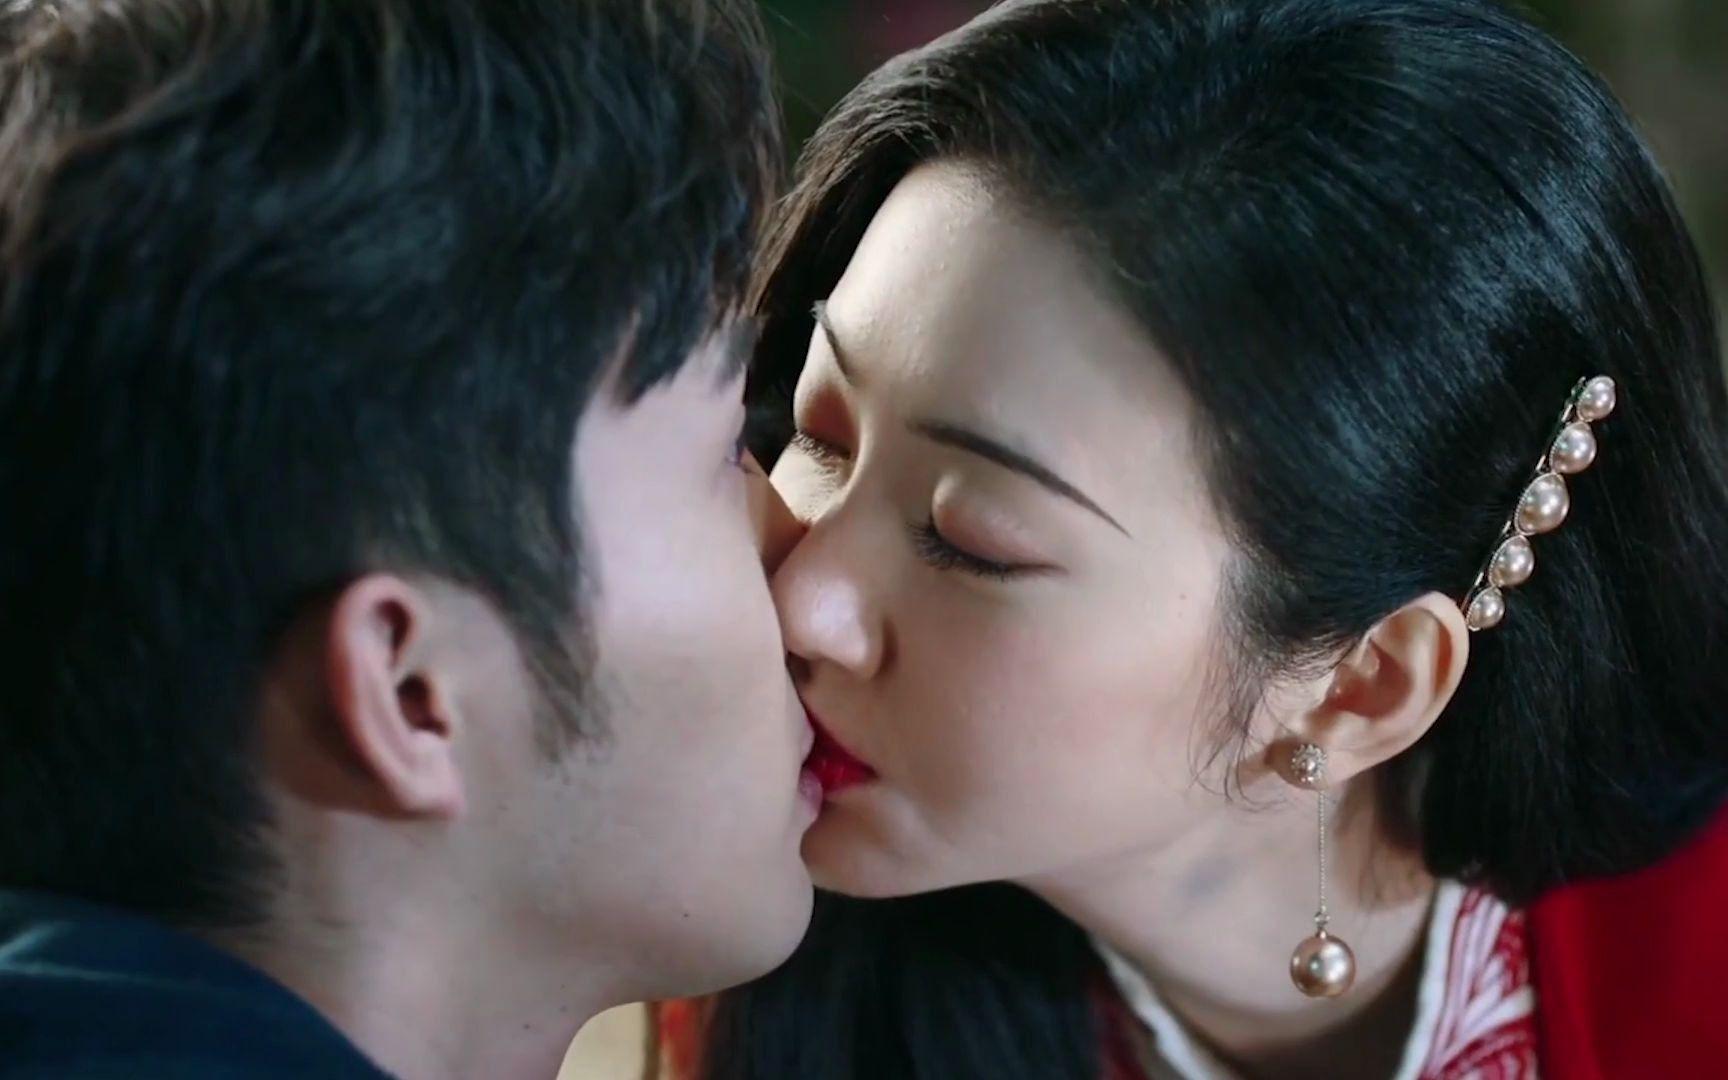 确定关系的情侣都吻得这么狂野迫切吗?实在是太好嗑了!